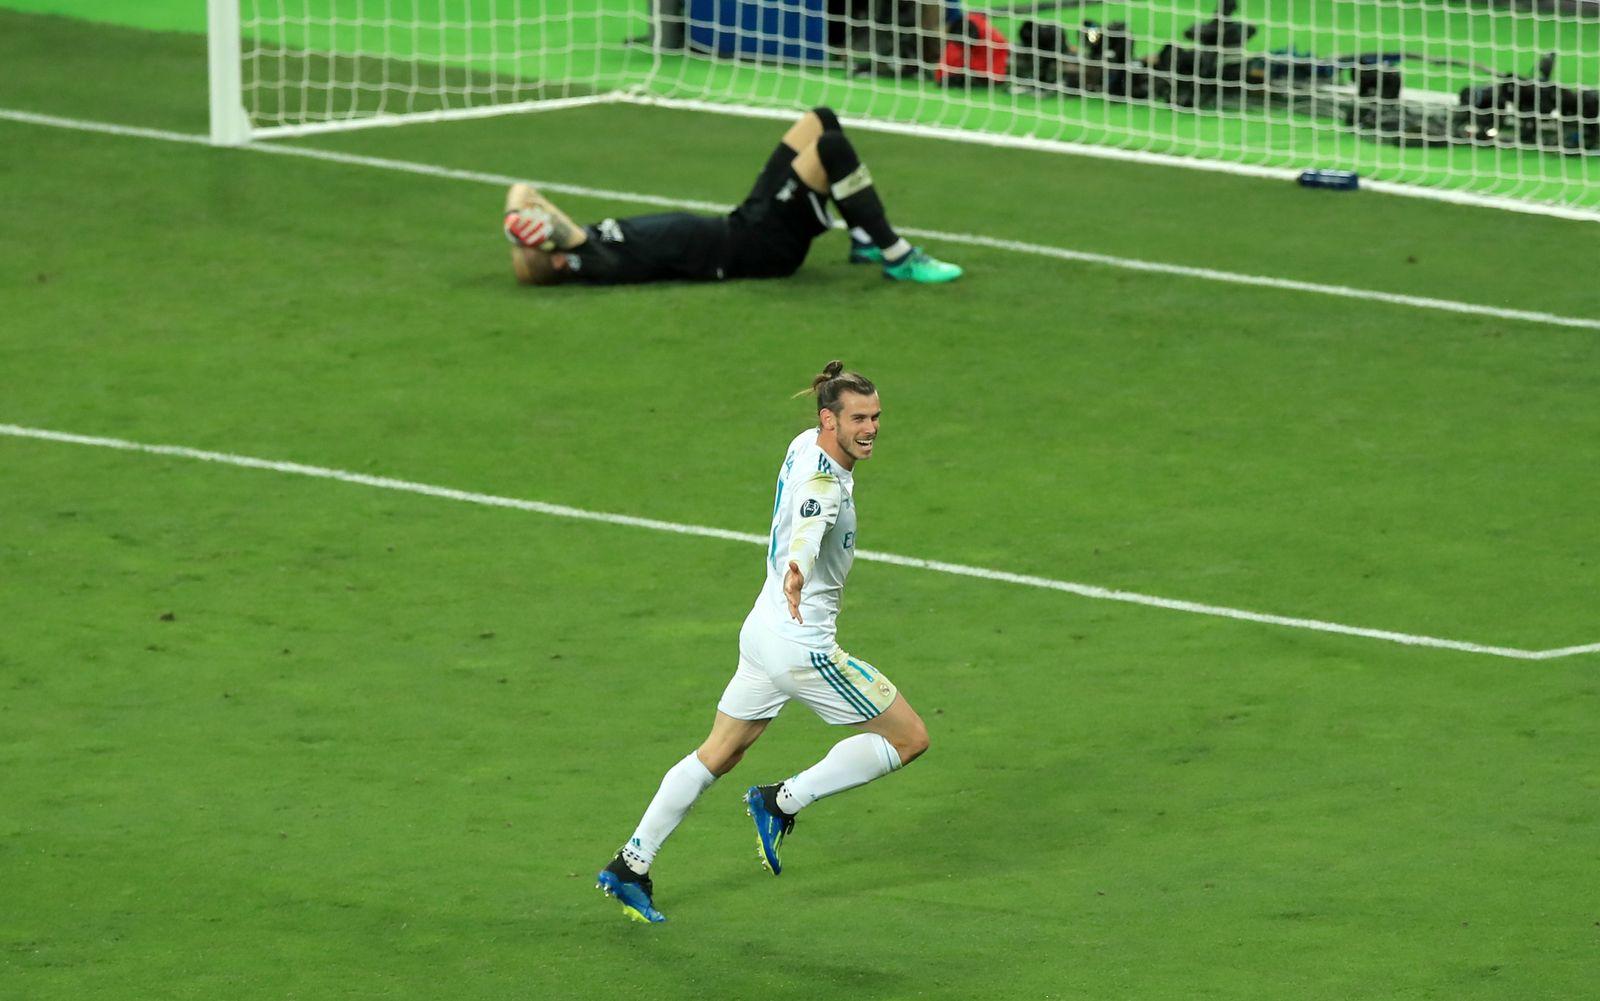 Karius Bale